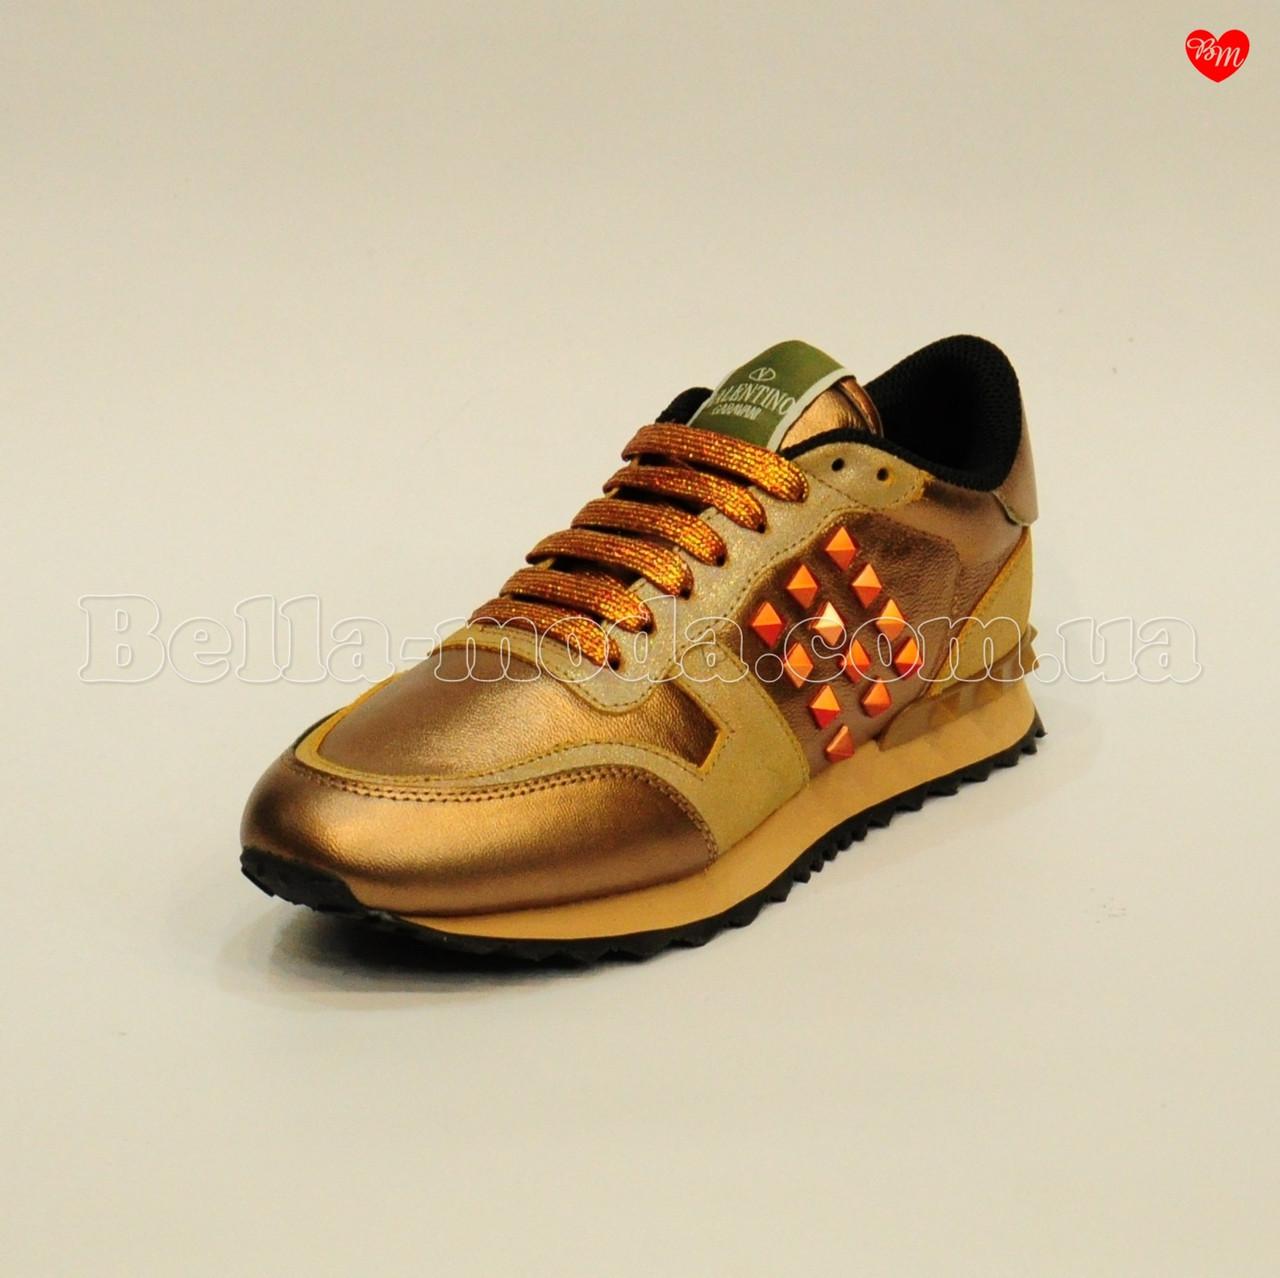 Женские кожаные кроссовки с шипами Valentino - интернет-магазин